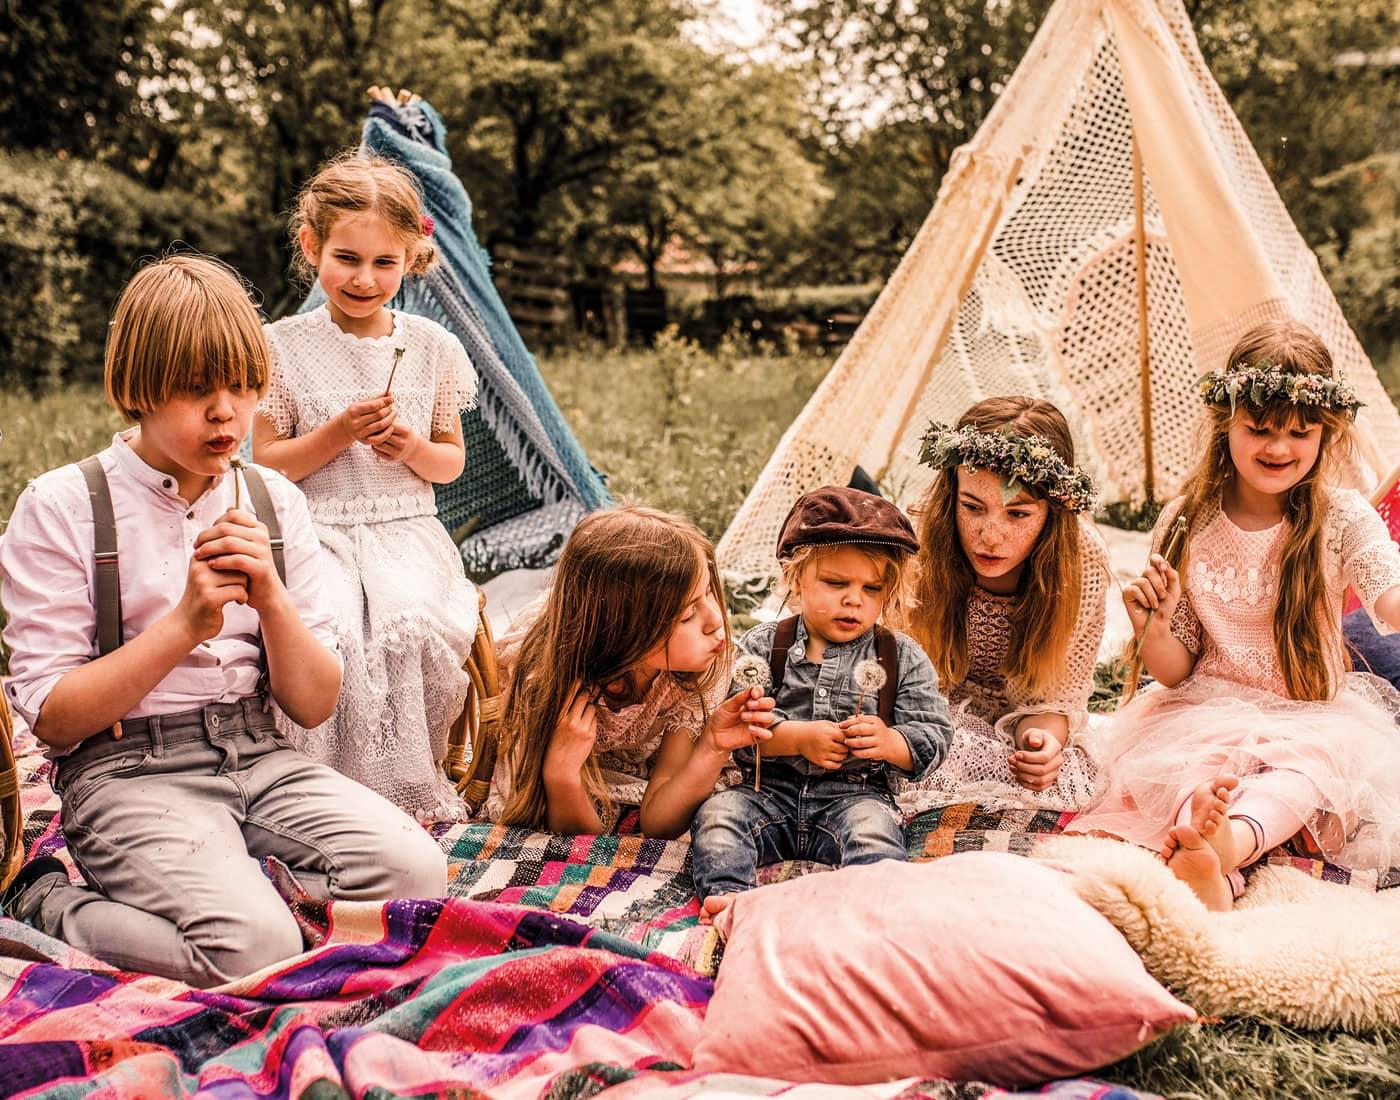 Familiennfeiern mit Picknick für die Kinder draußen // HIMBEER